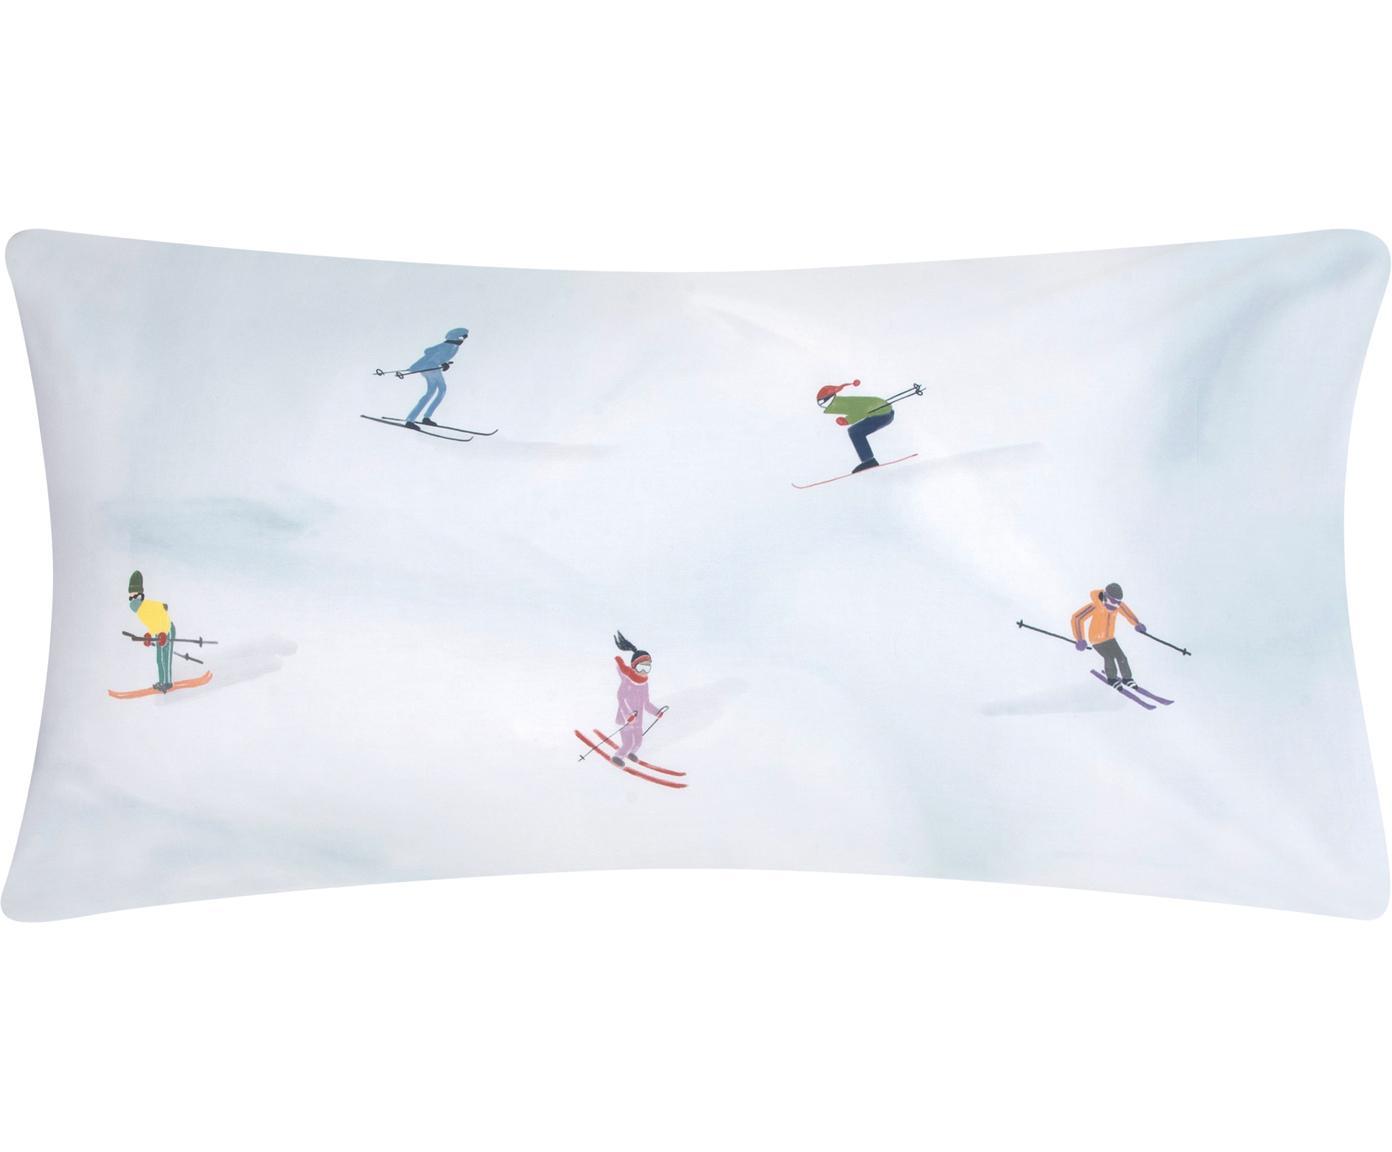 Designer Baumwollperkal-Kissenbezüge Ski von Kera Till, Webart: Perkal, Weiß, Mehrfarbig, 40 x 80 cm